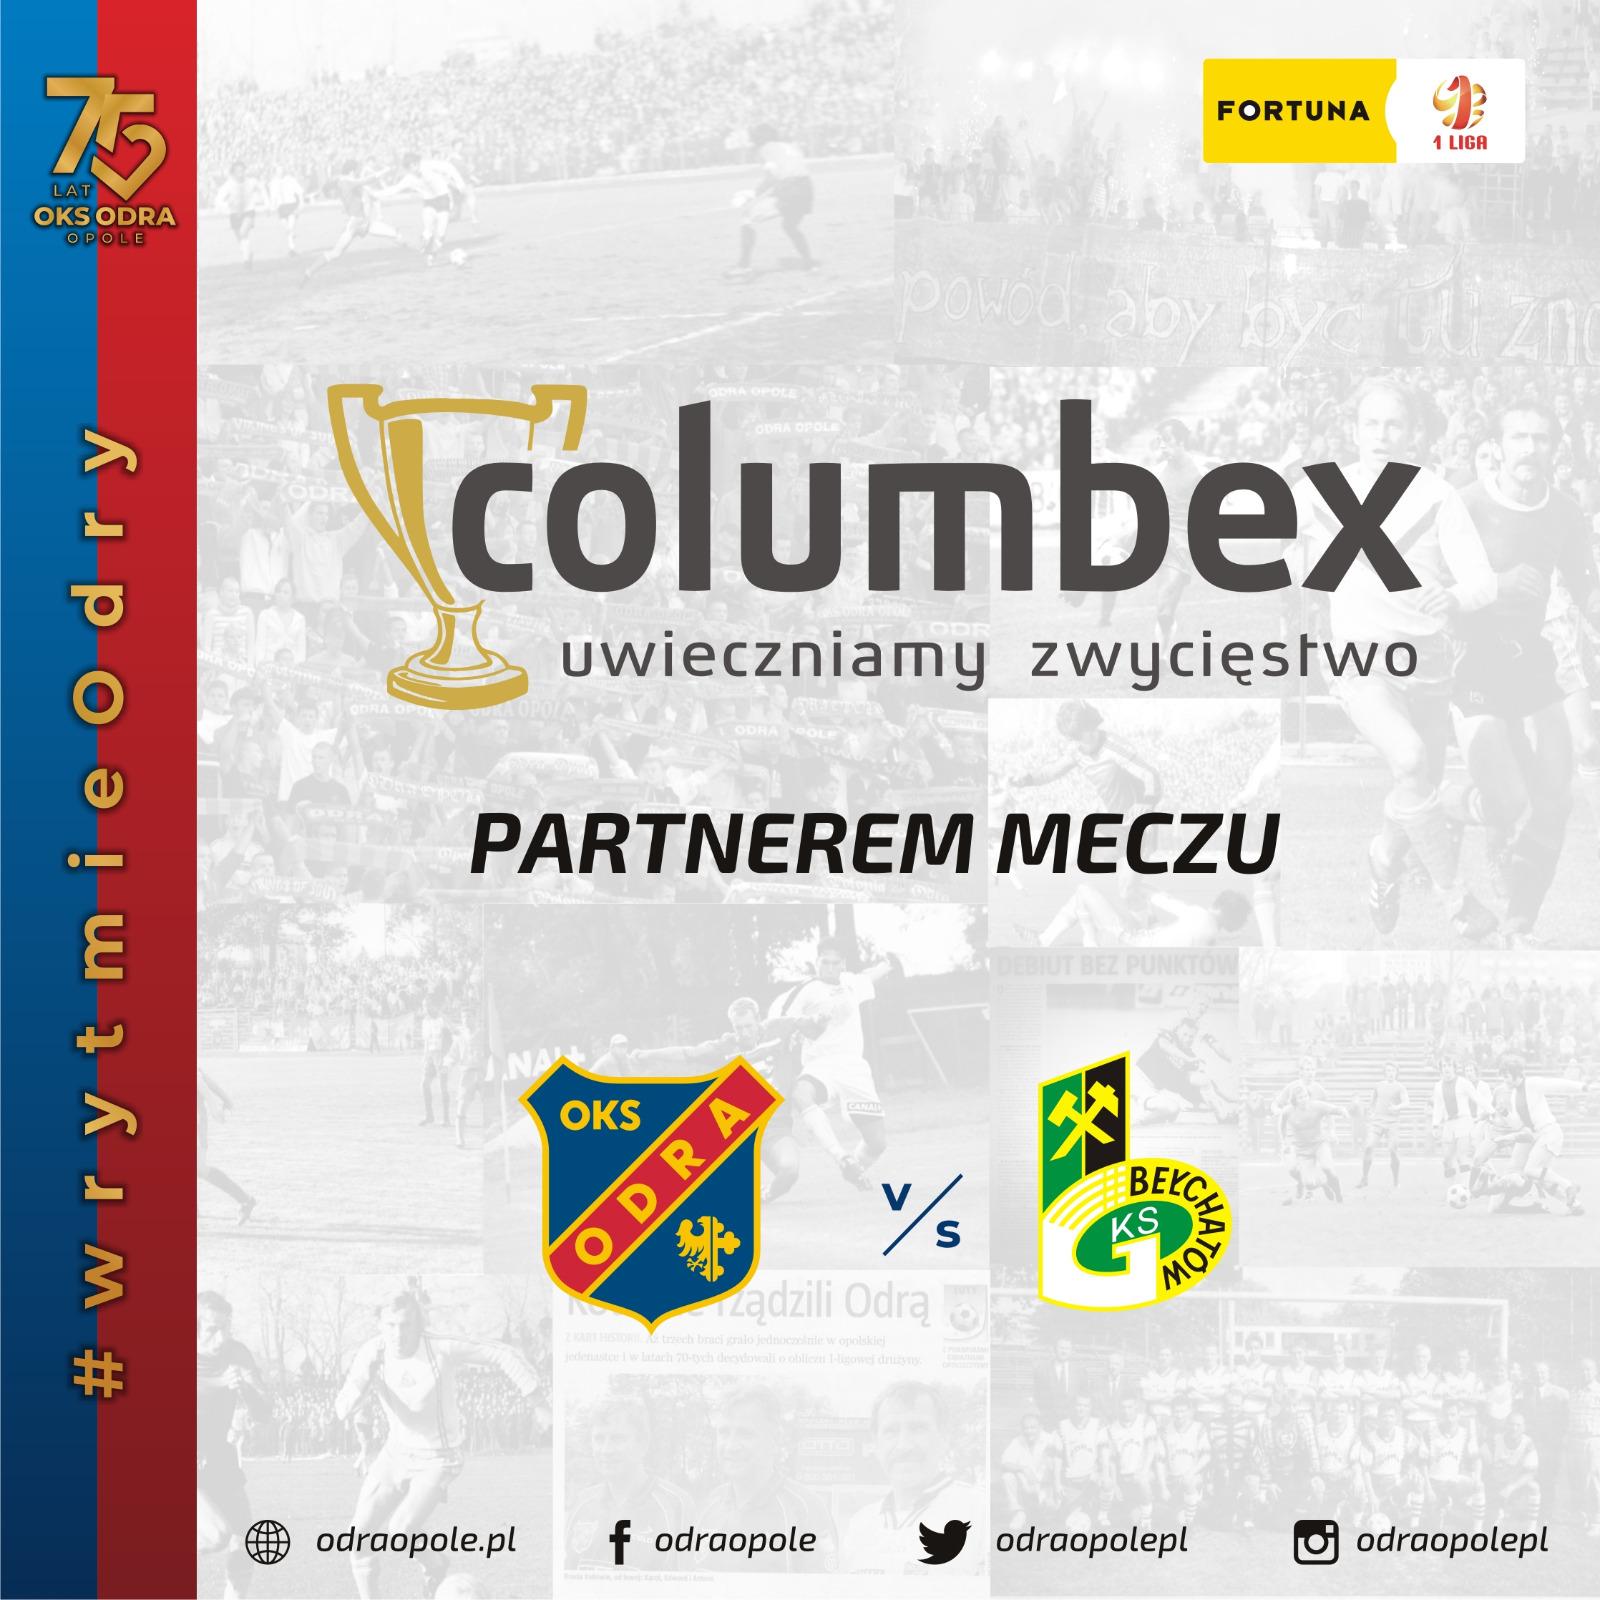 COLUMBEX partnerem meczu z GKS Bełchatów